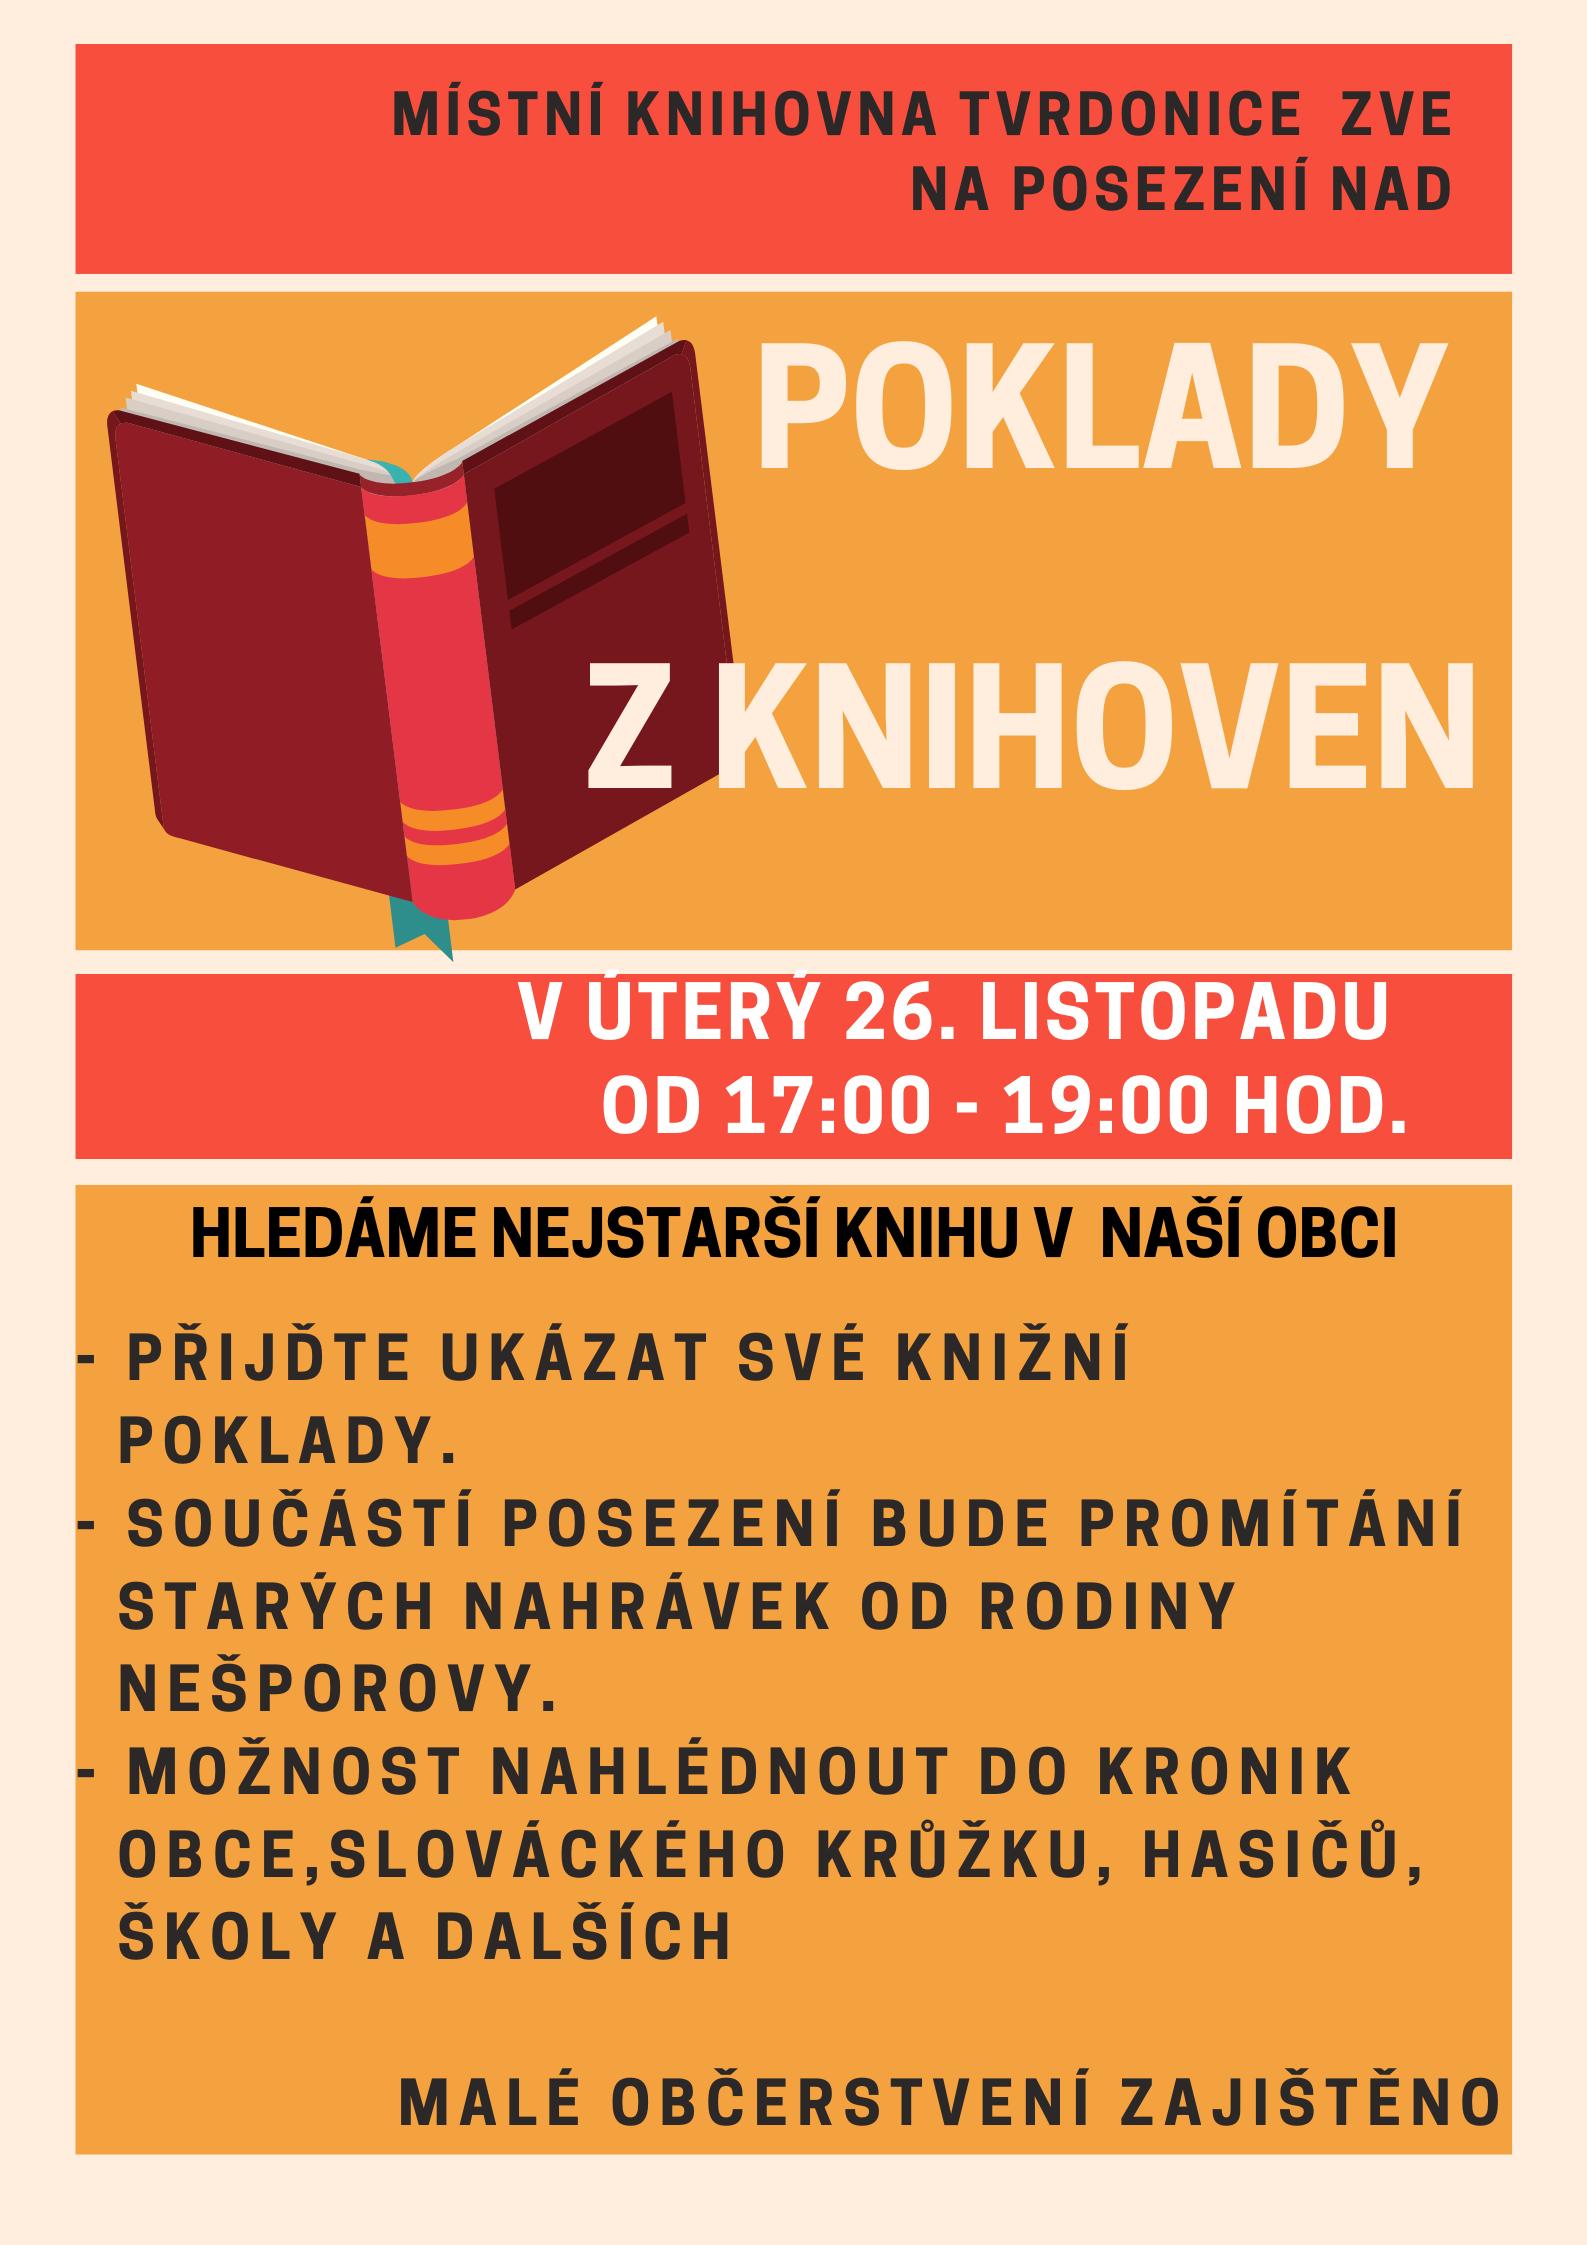 poklady_z_knihoven.png